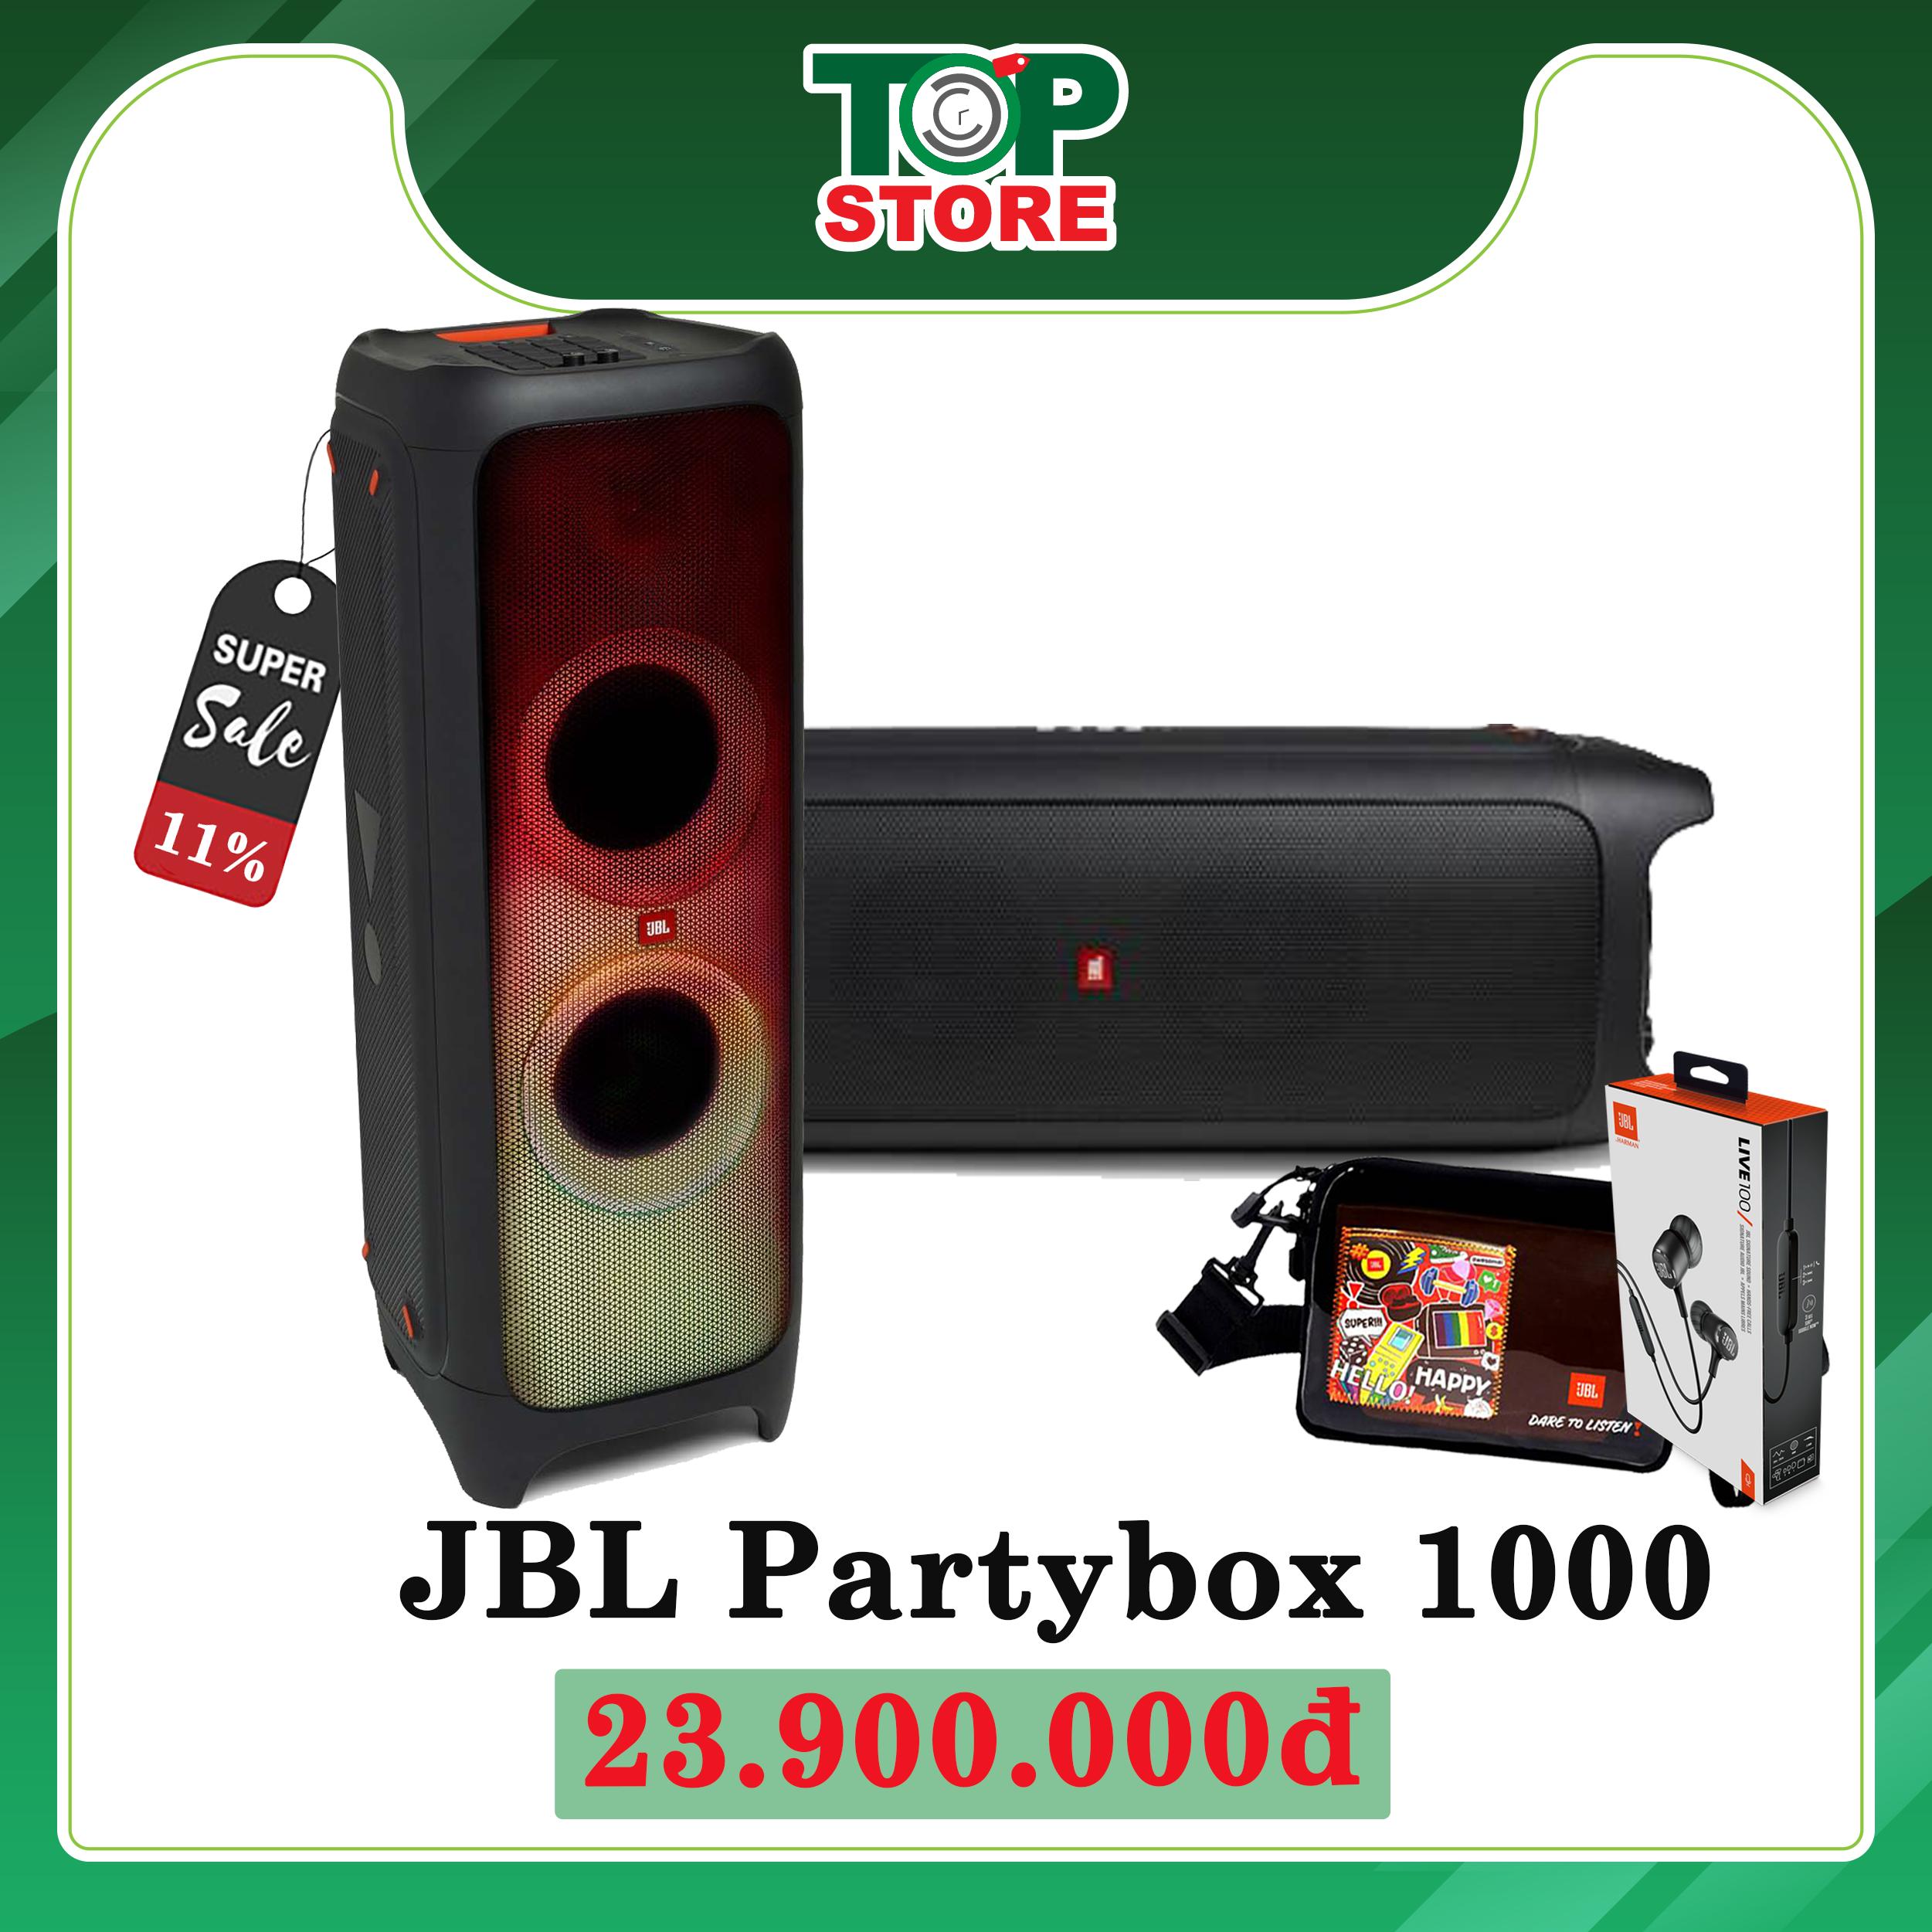 Loa JBL Party box 1000